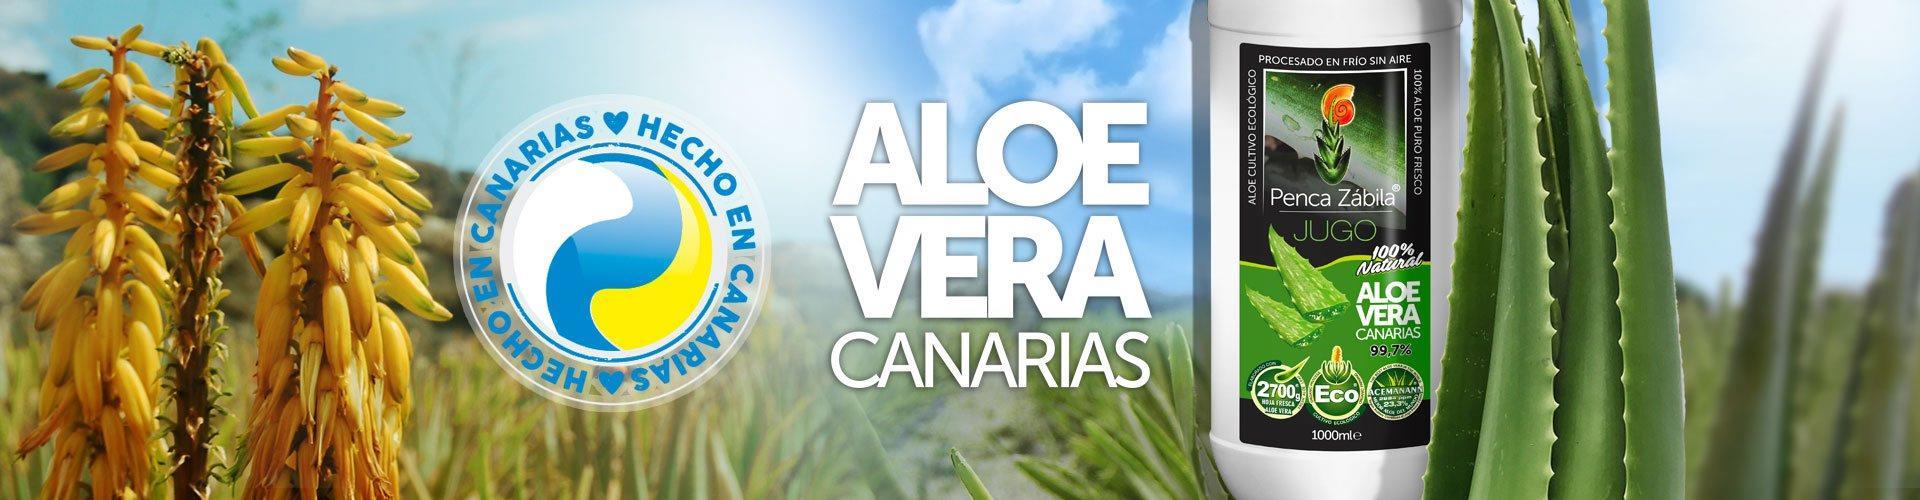 Jugo Aloe Vera de Canarias